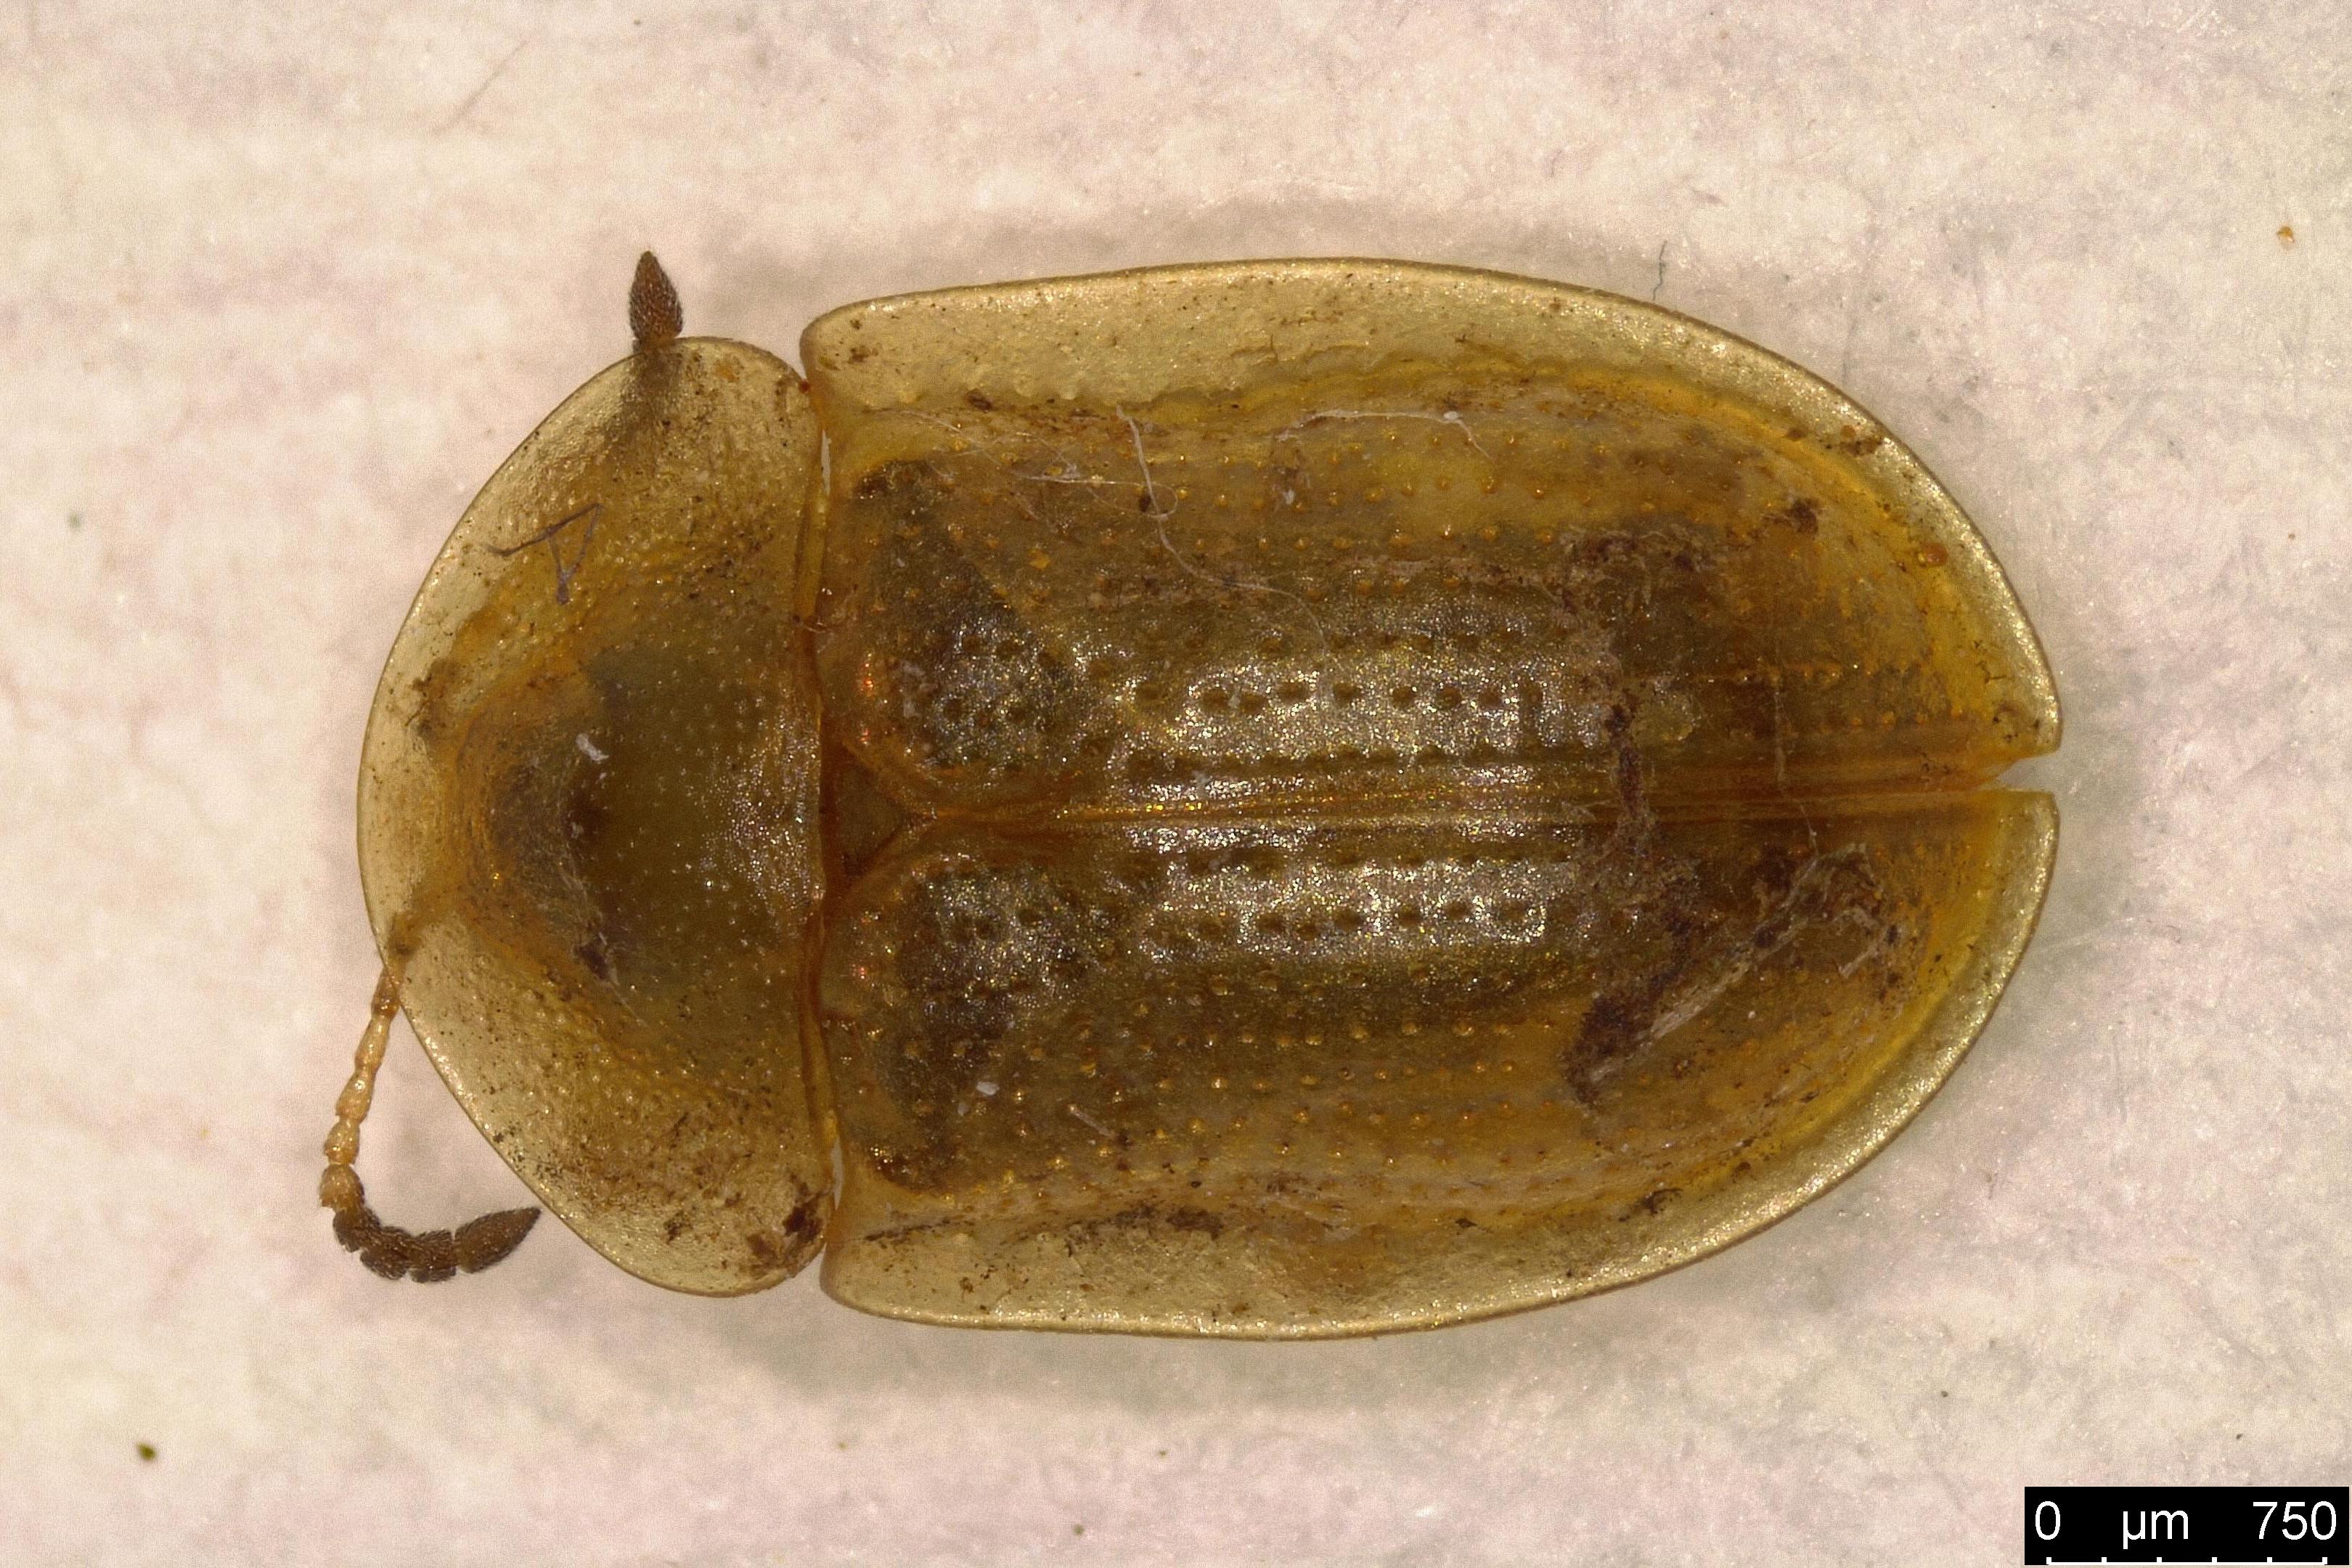 Image of Pale Tortoise Beetle